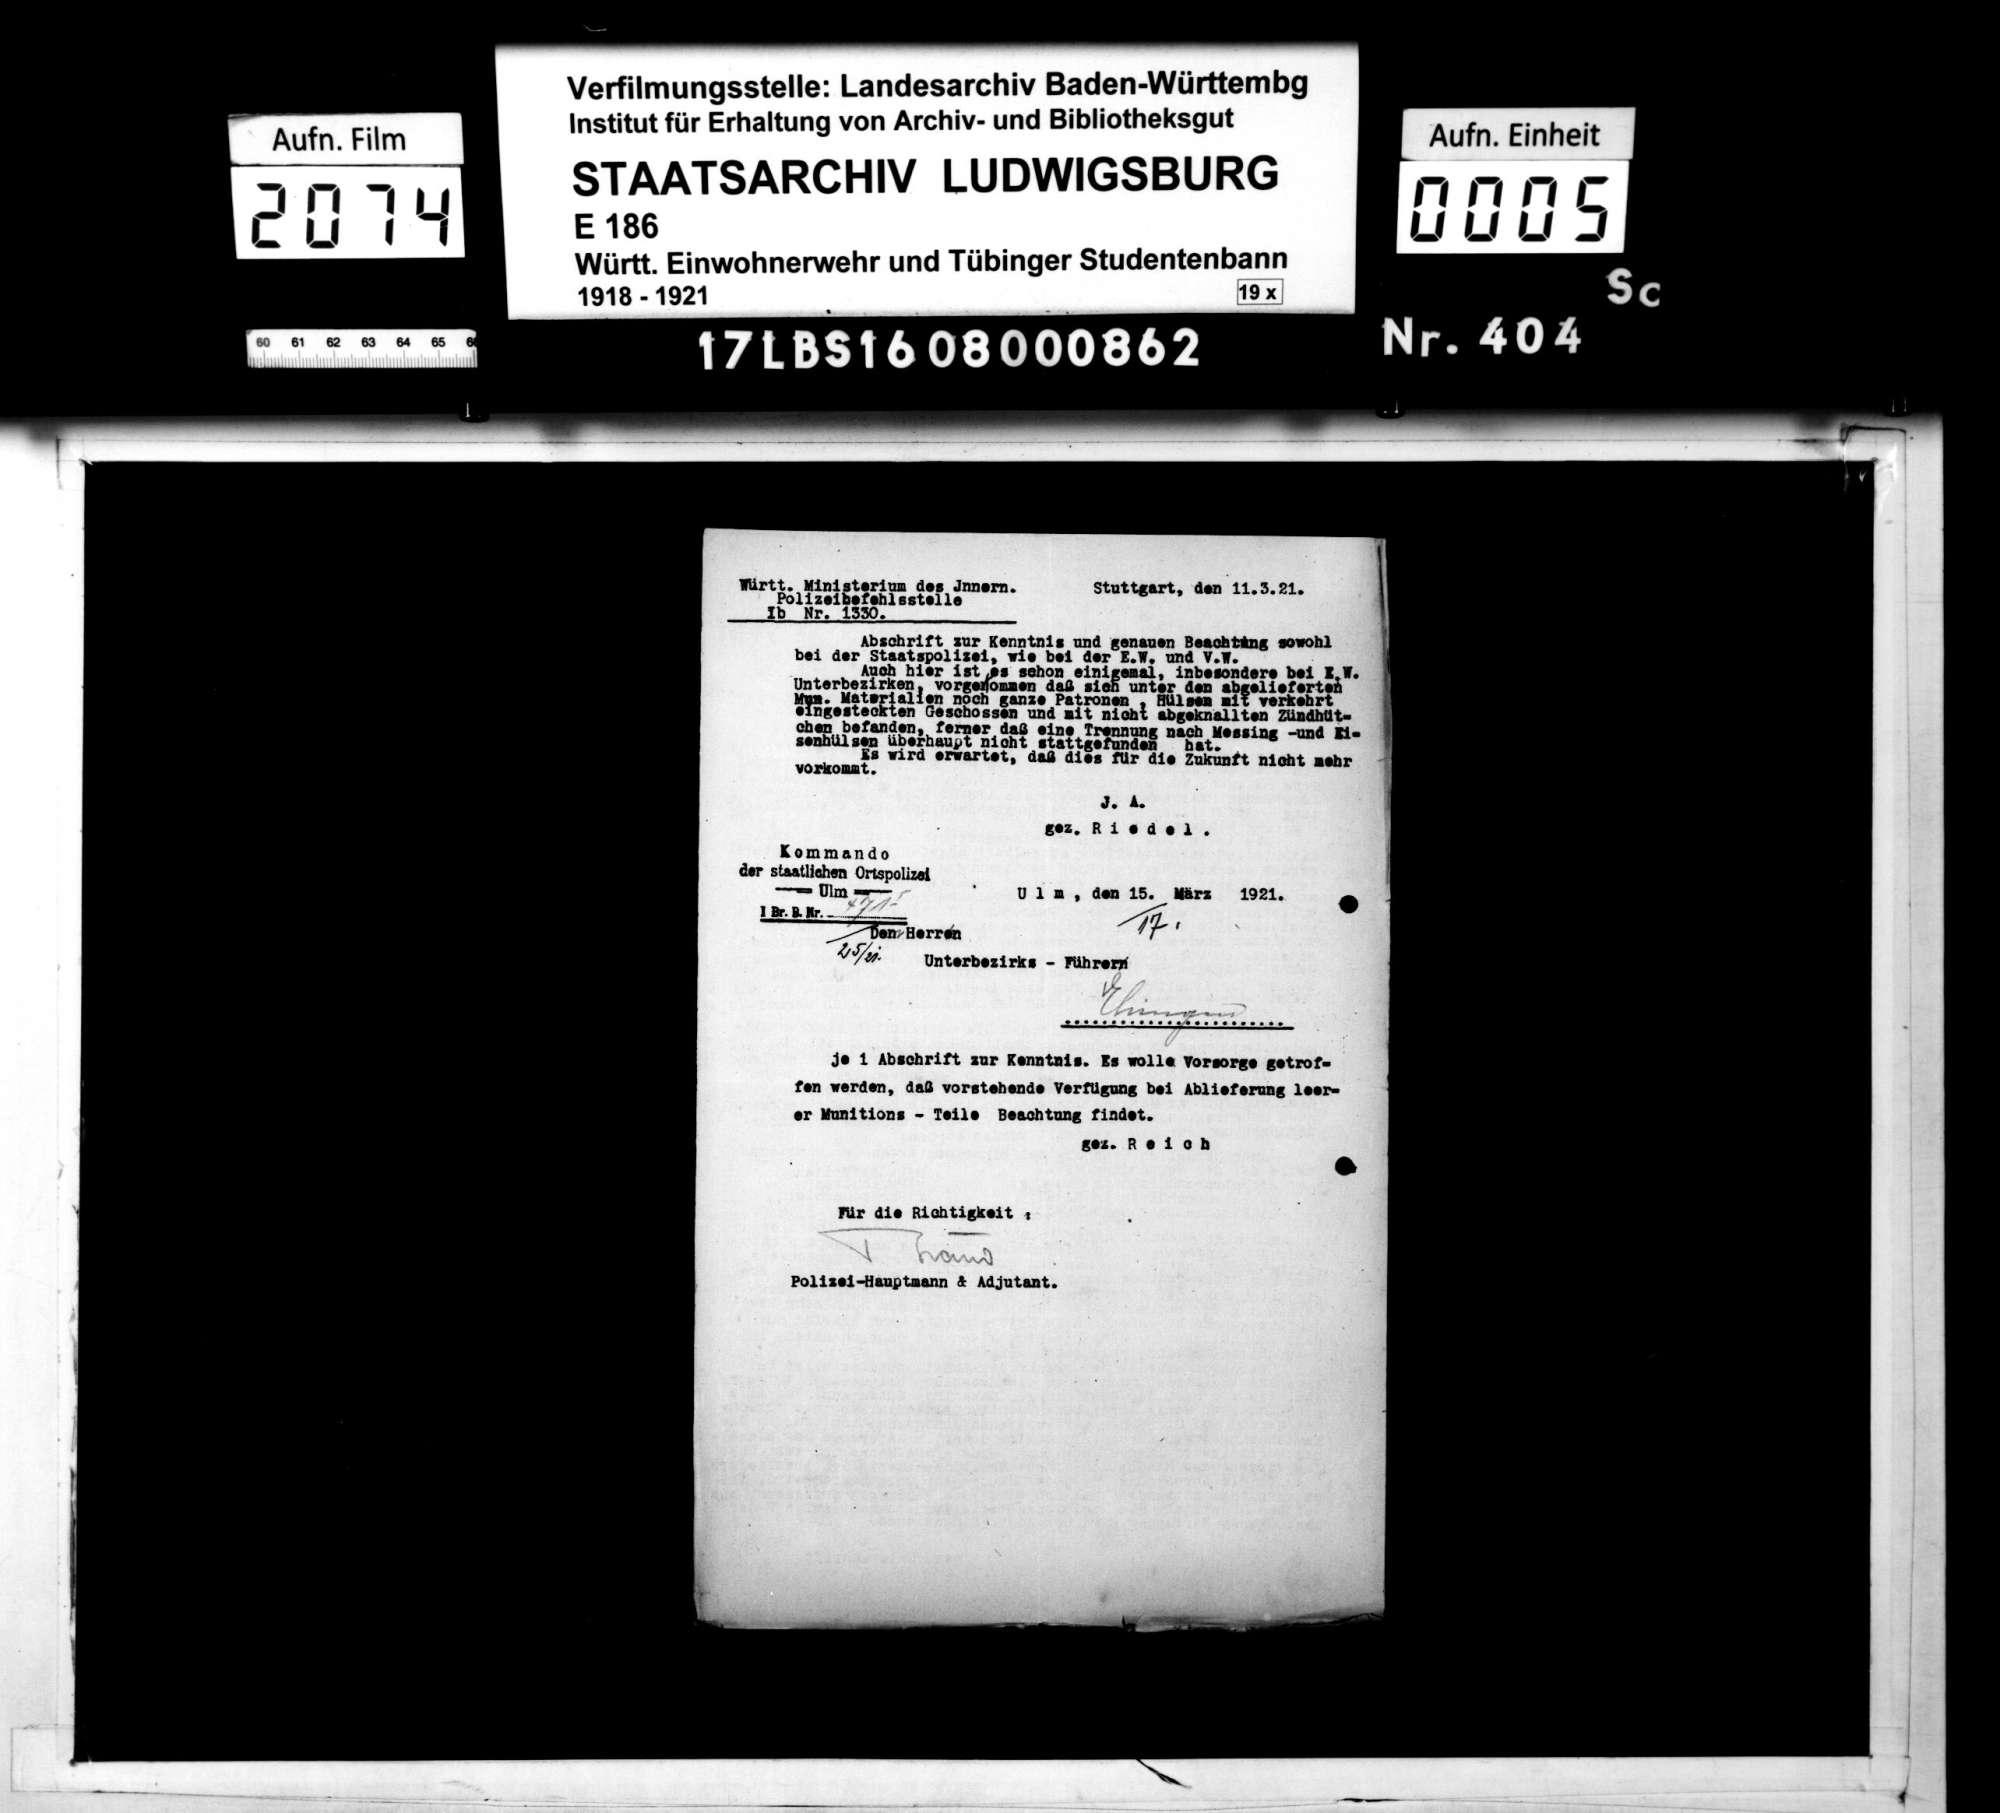 Verfügungen der Bezirksstelle 2 Ulm und anderer Dienststellen, Bild 3